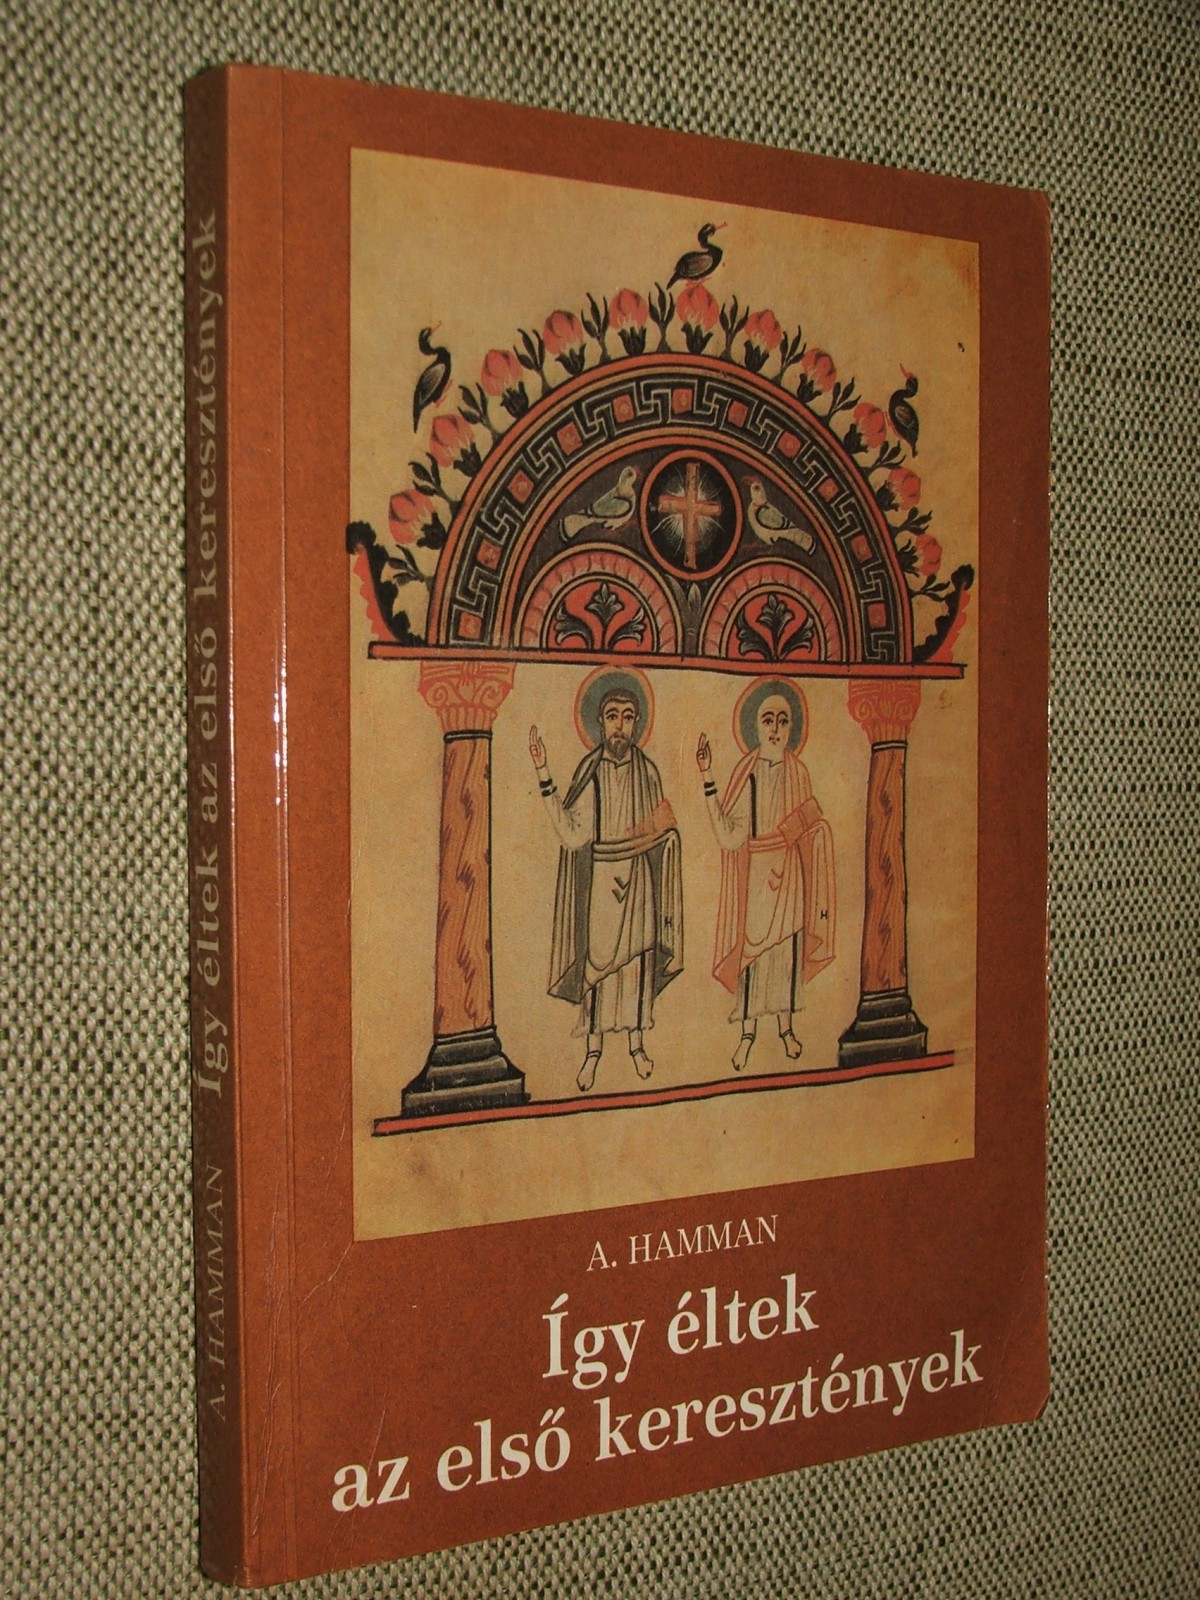 HAMMAN, A(dalbert-Gautier): Így éltek az első keresztények (95-197)